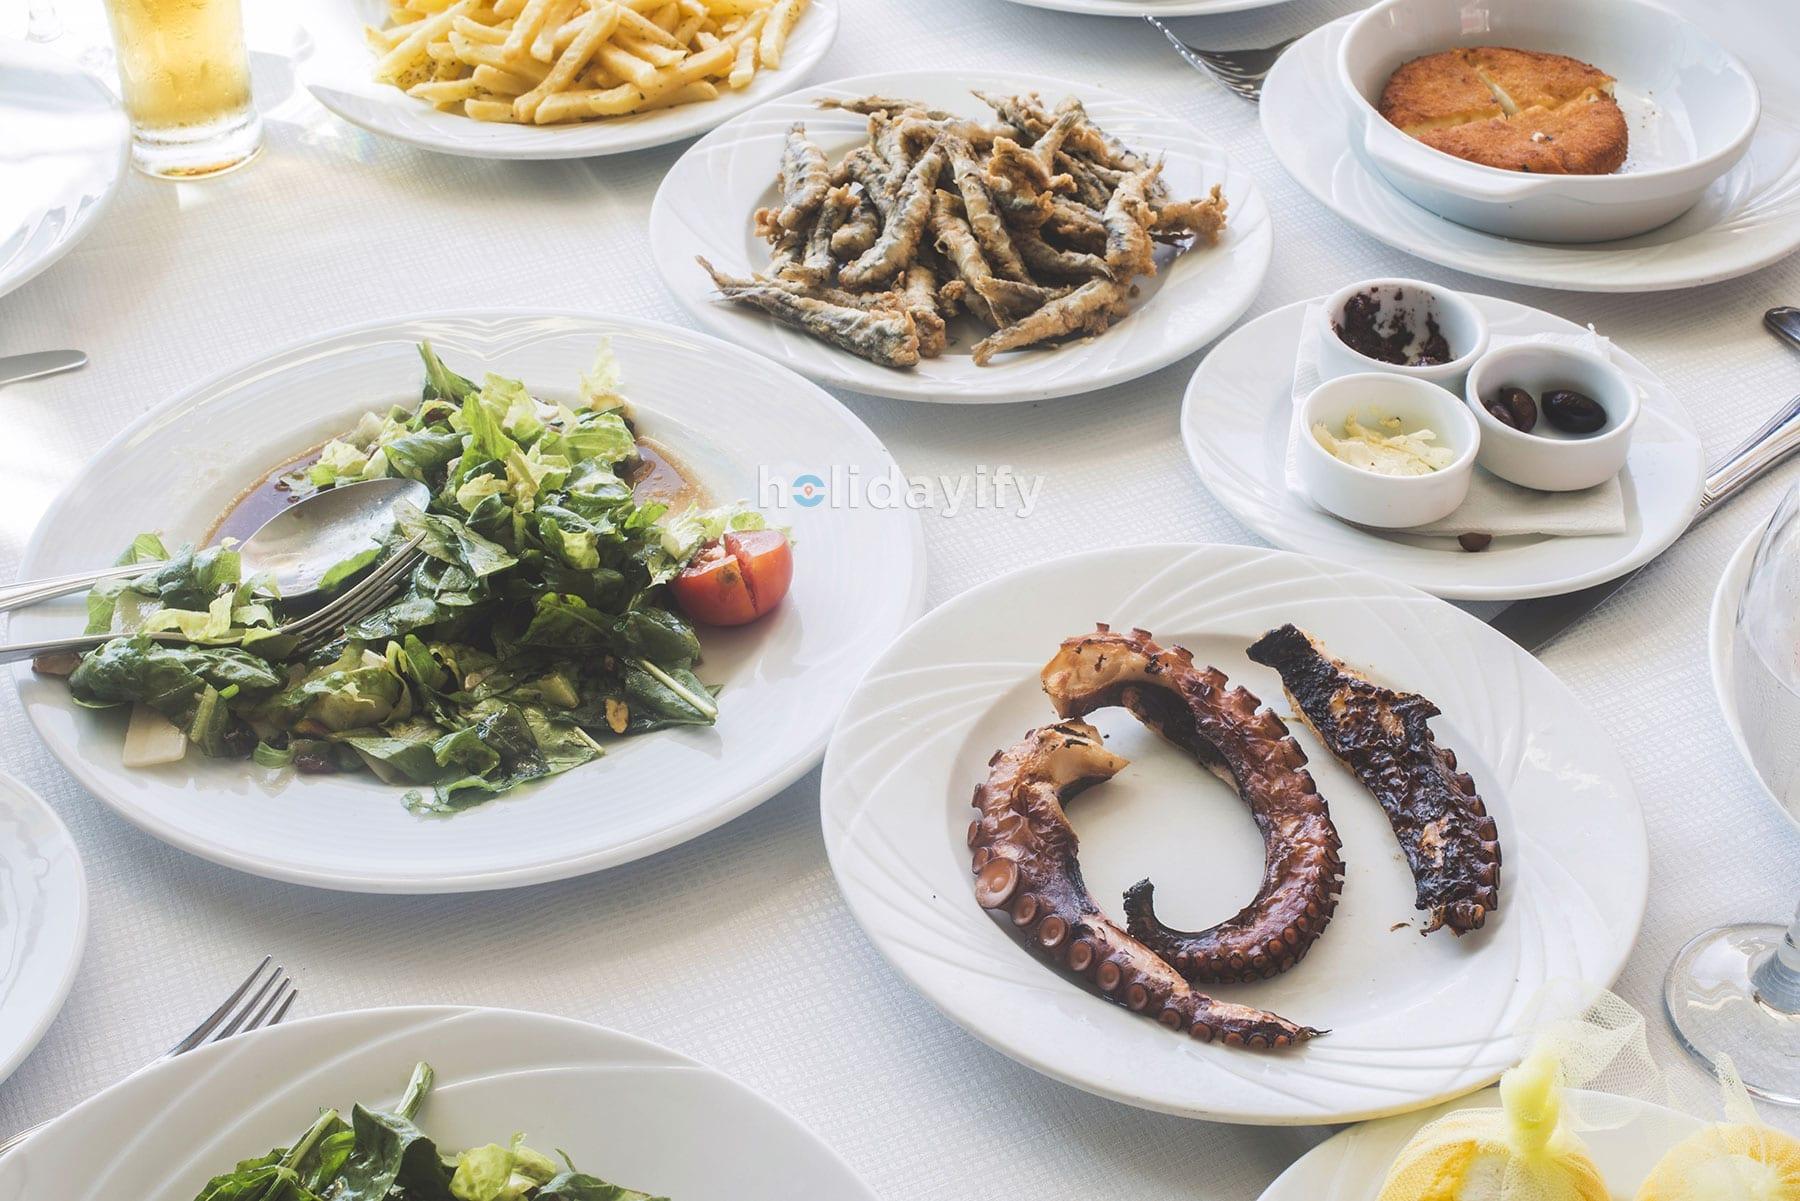 Geleneksel Yunan Yemekleri